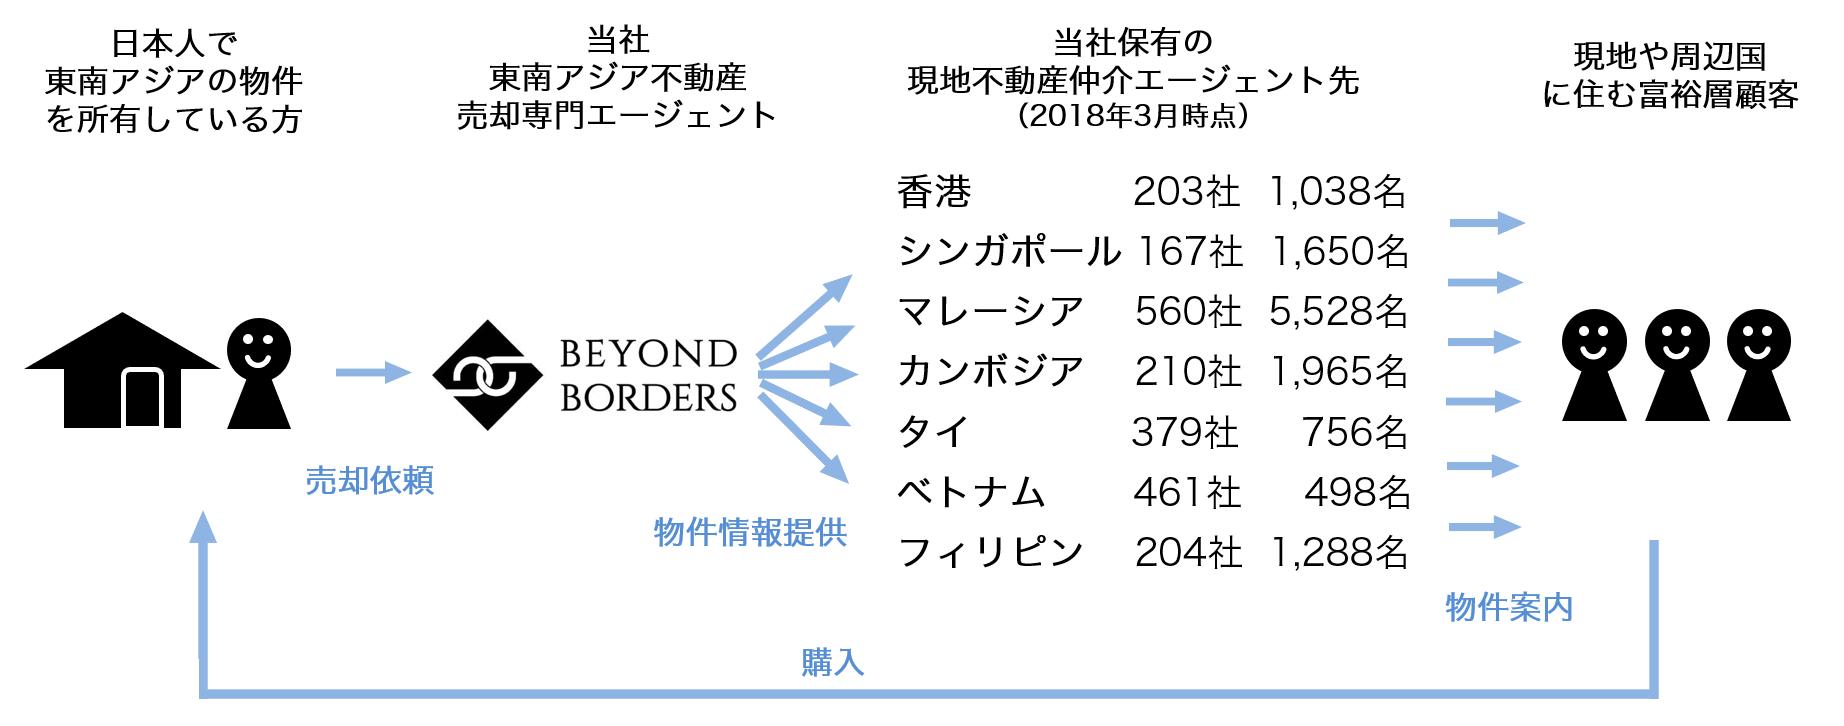 ビヨンドボーダーズのアジア不動産売却専門エージェント